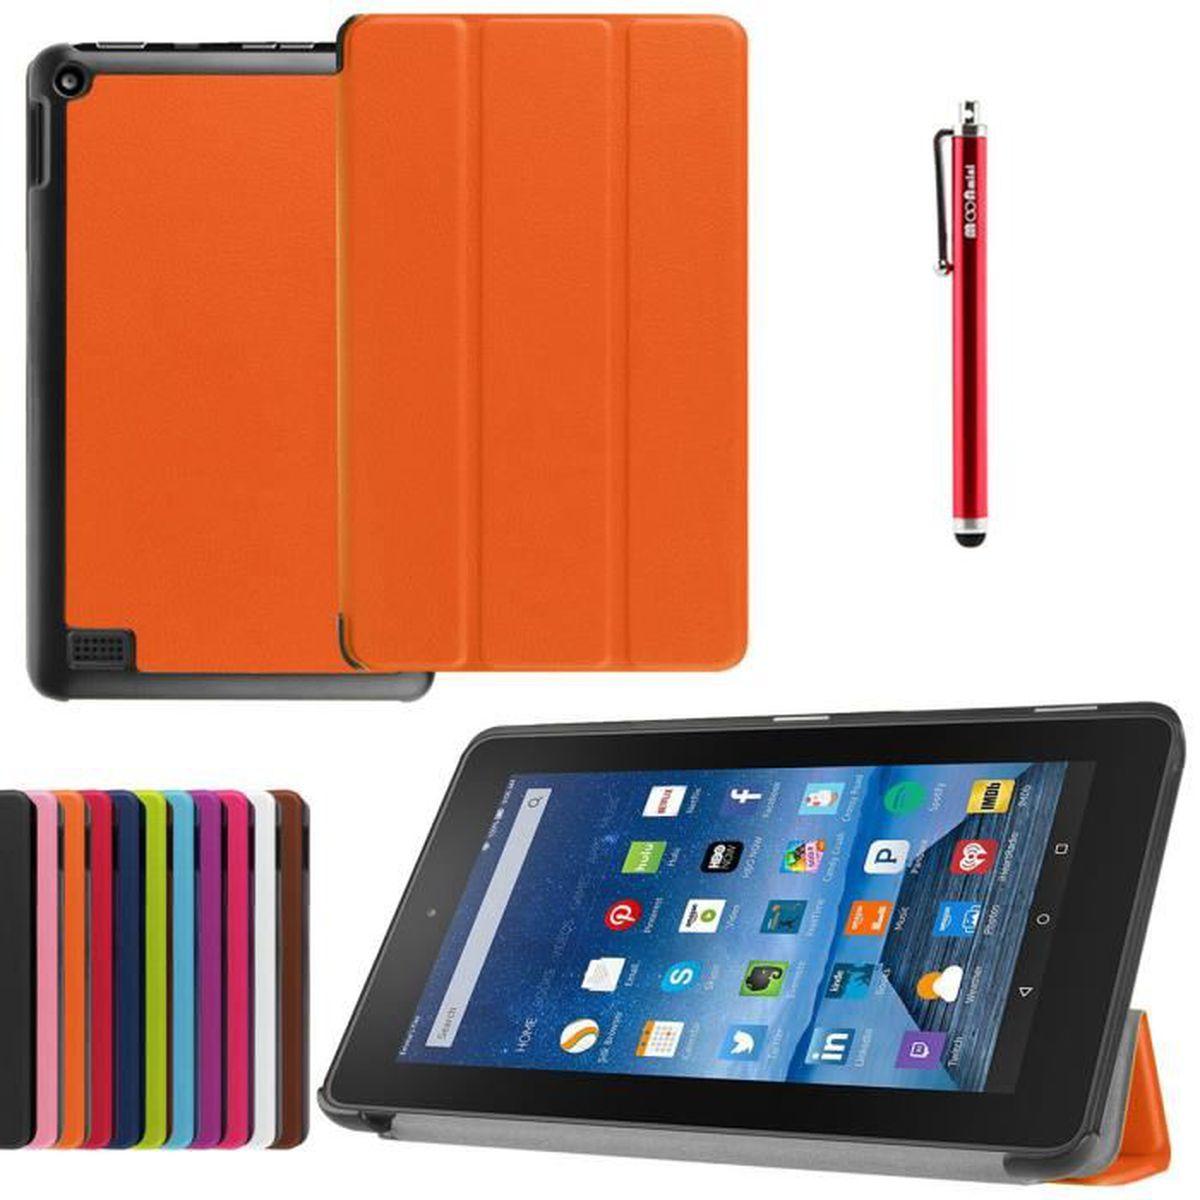 nouvelle collection 100% de satisfaction style le plus récent Housse Etui Amazon Kindle Fire HD 7 (Orange),JWmall® Housse ...